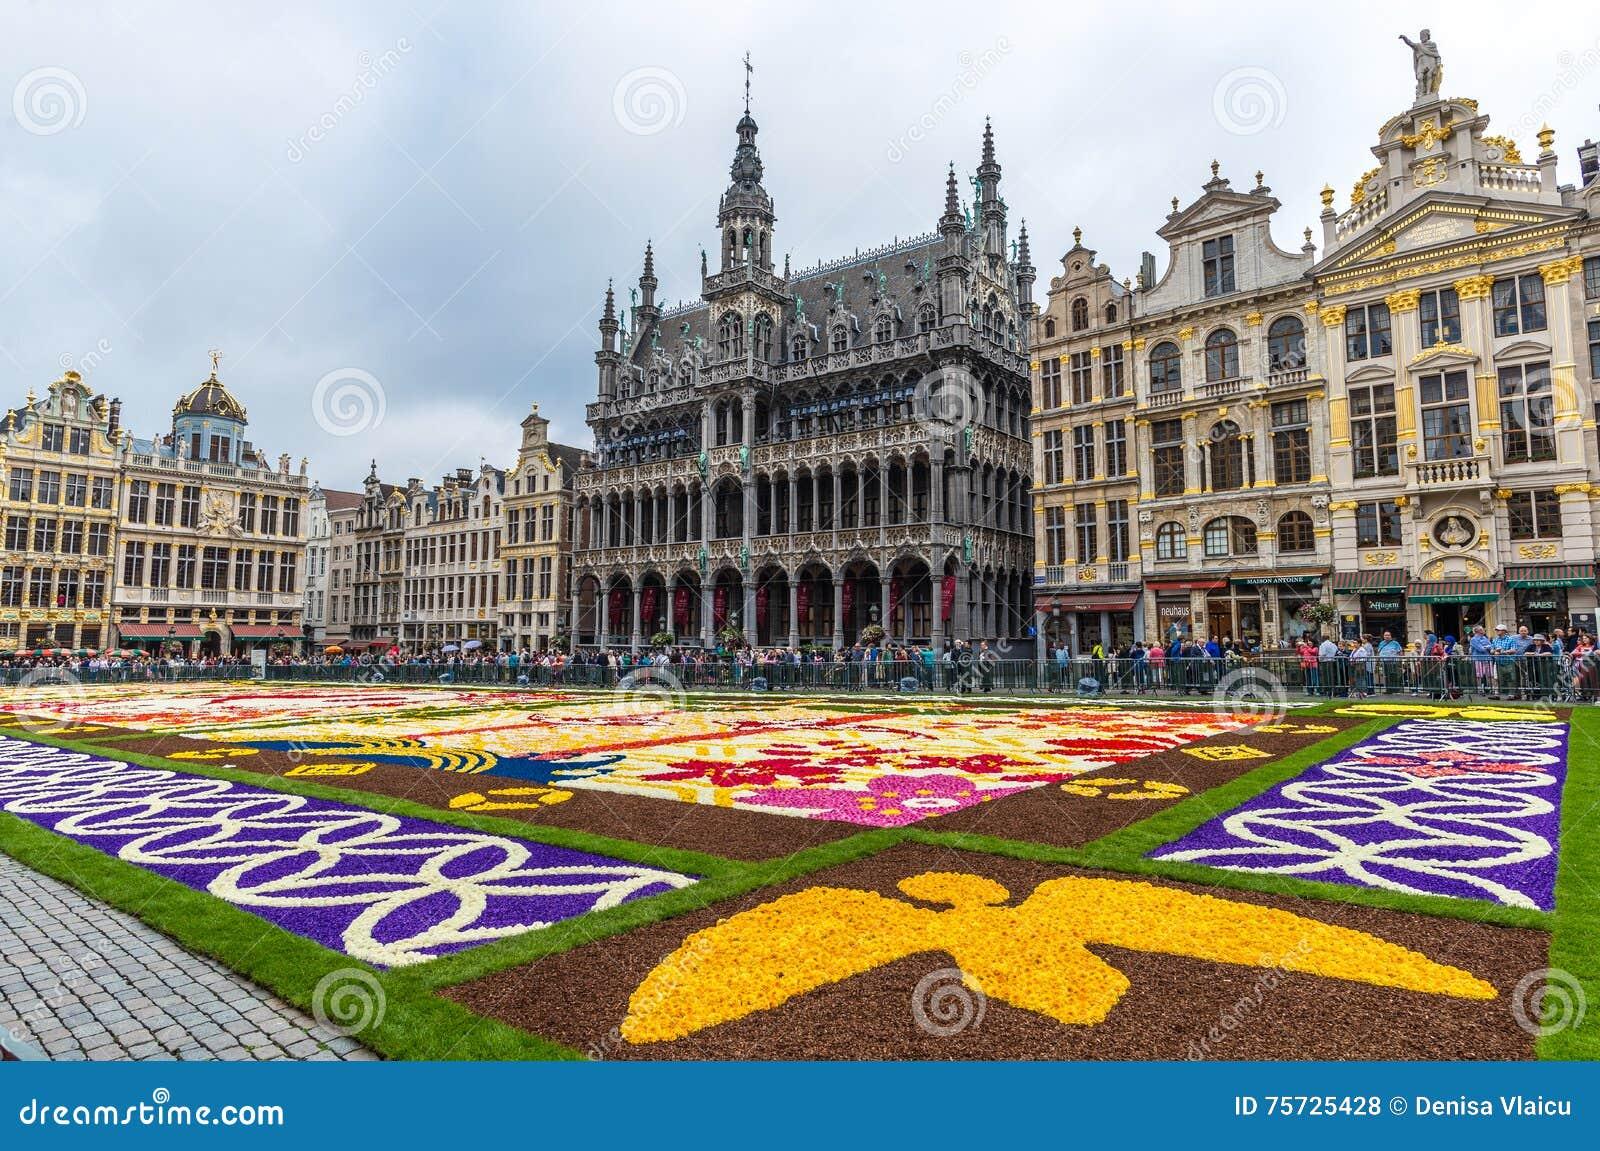 Tappeto Floreale Bruxelles : Festival di tappeto floreale sulla famosa piazza grand place